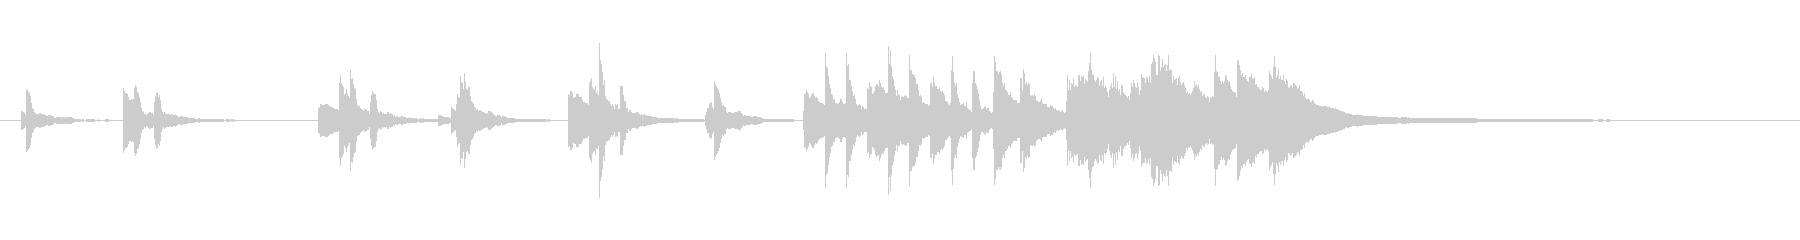 シンプルで、暖かいピアノジングルの未再生の波形